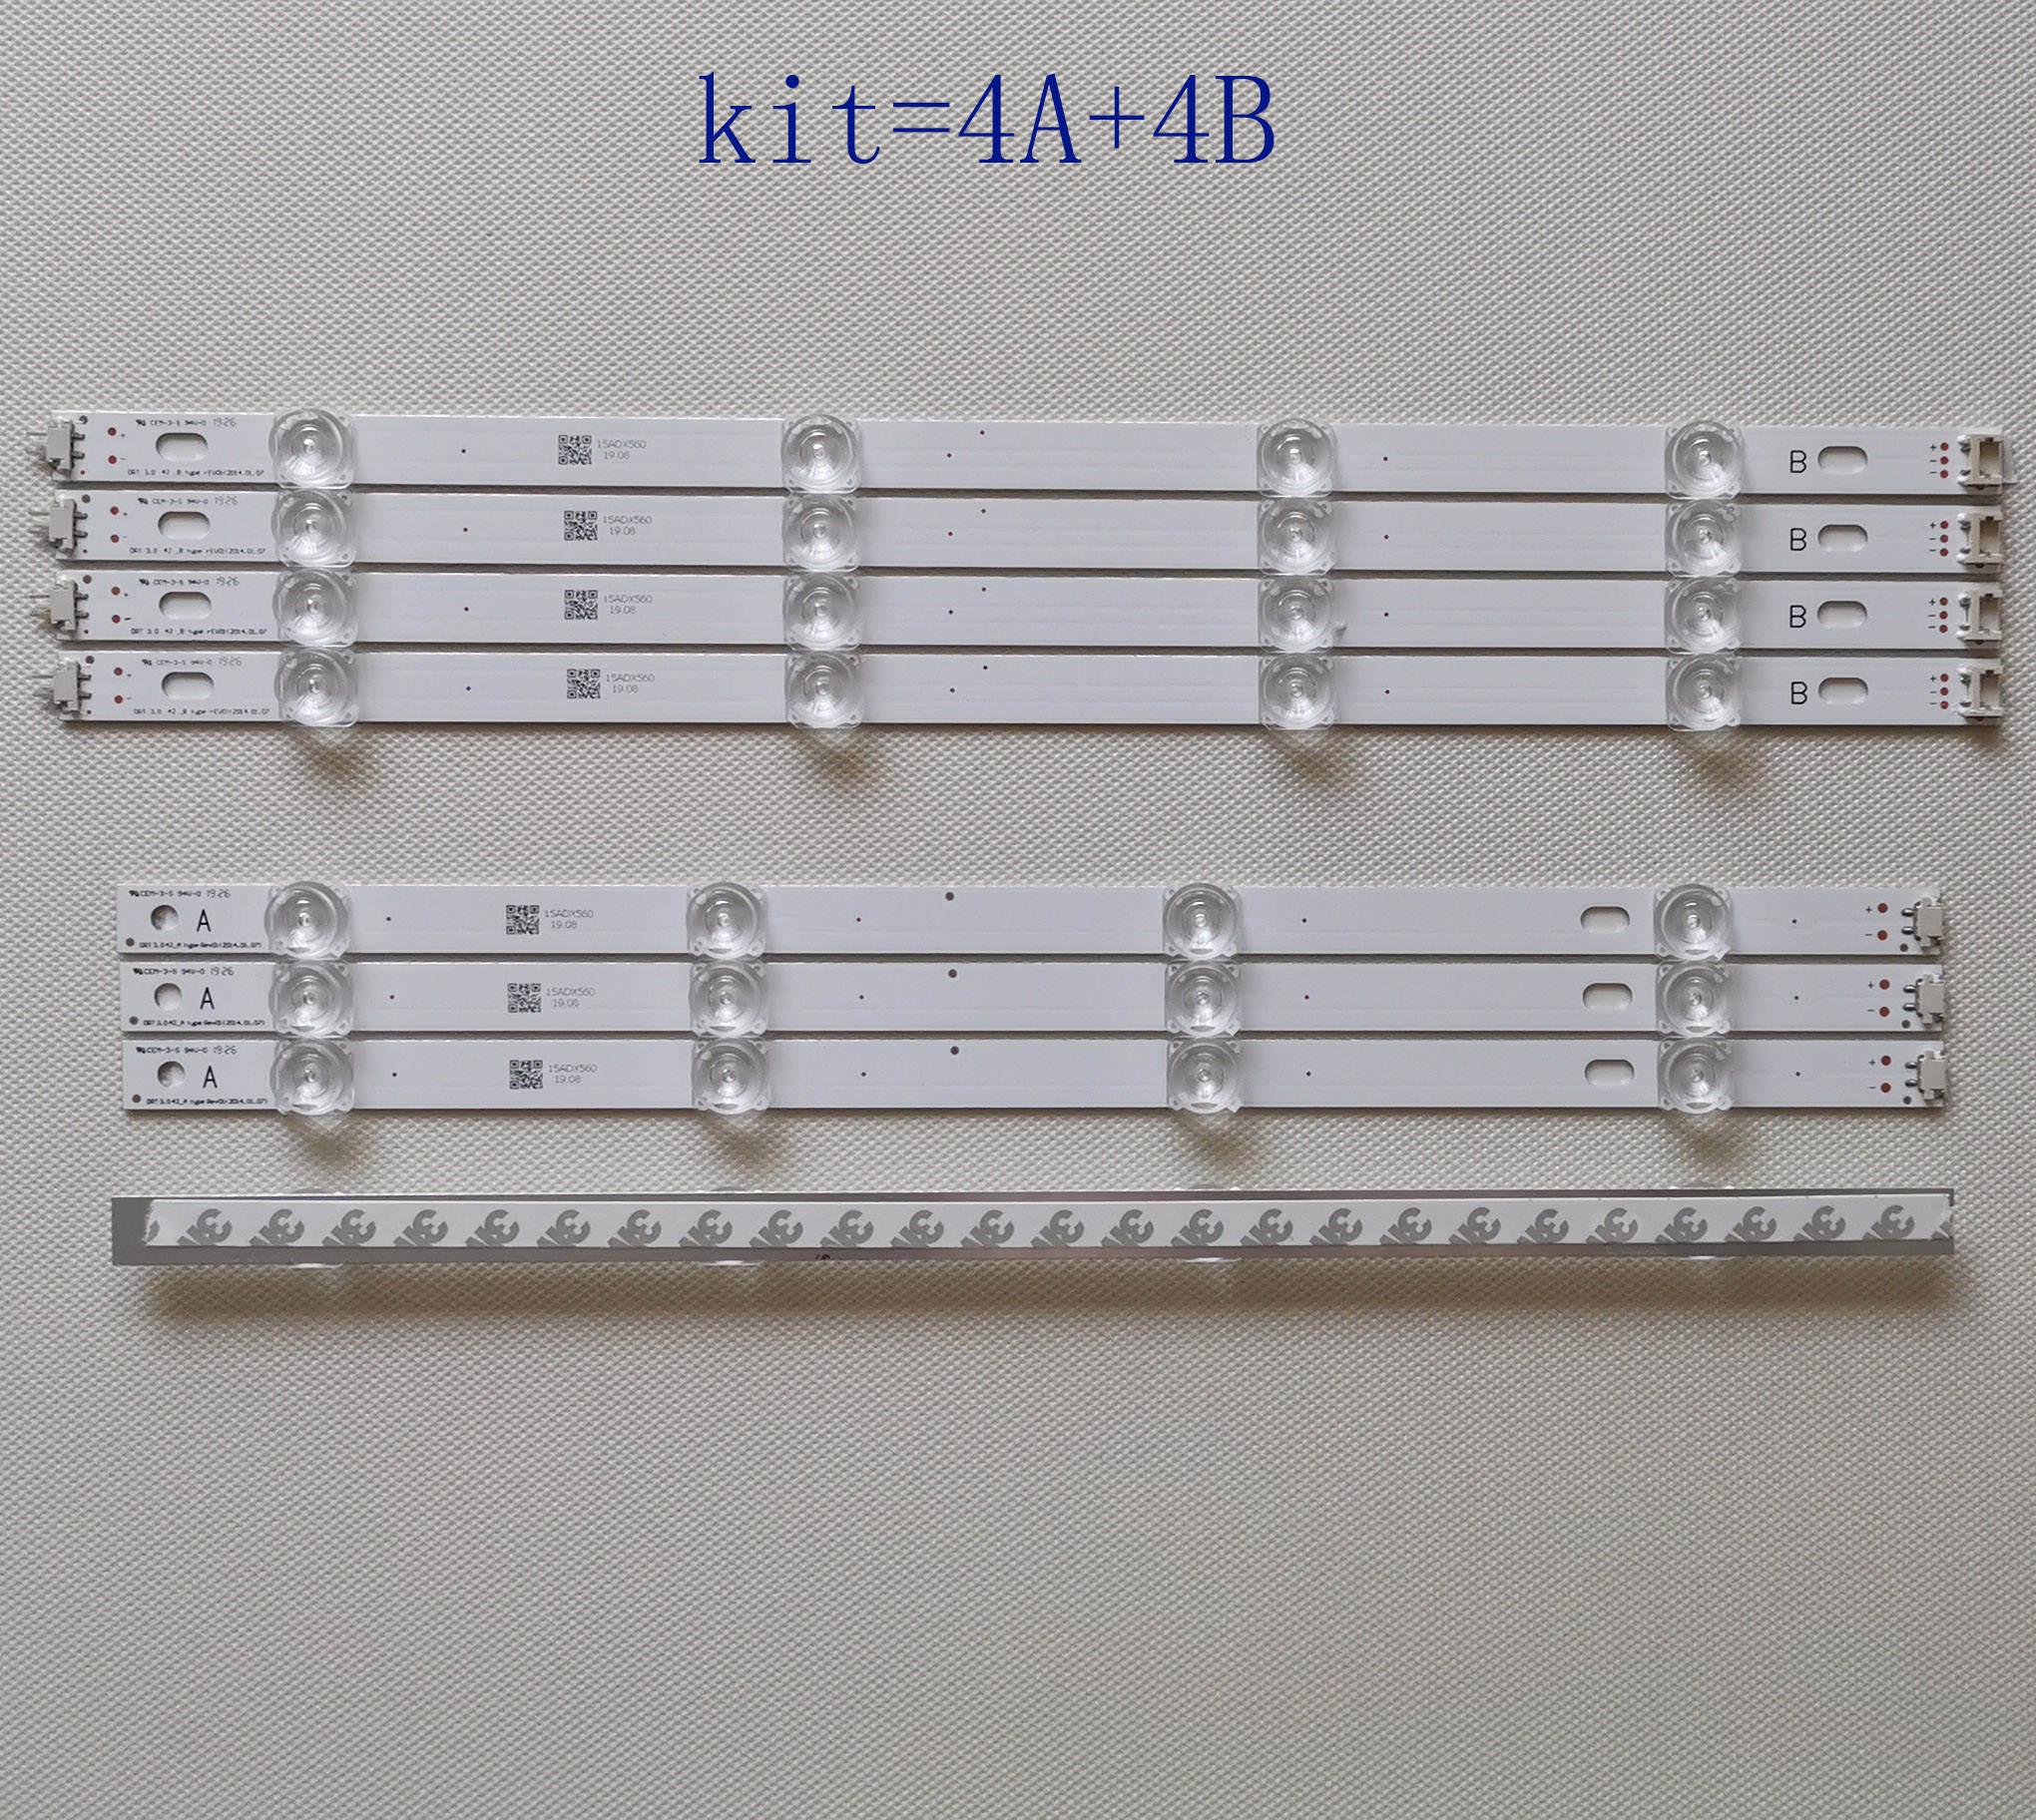 Led-Strip 42LB5600 for LG Innotek Drt-3.0 42-A 42ly320c/42lb/42lb5600/.. 8pcs-Kit New